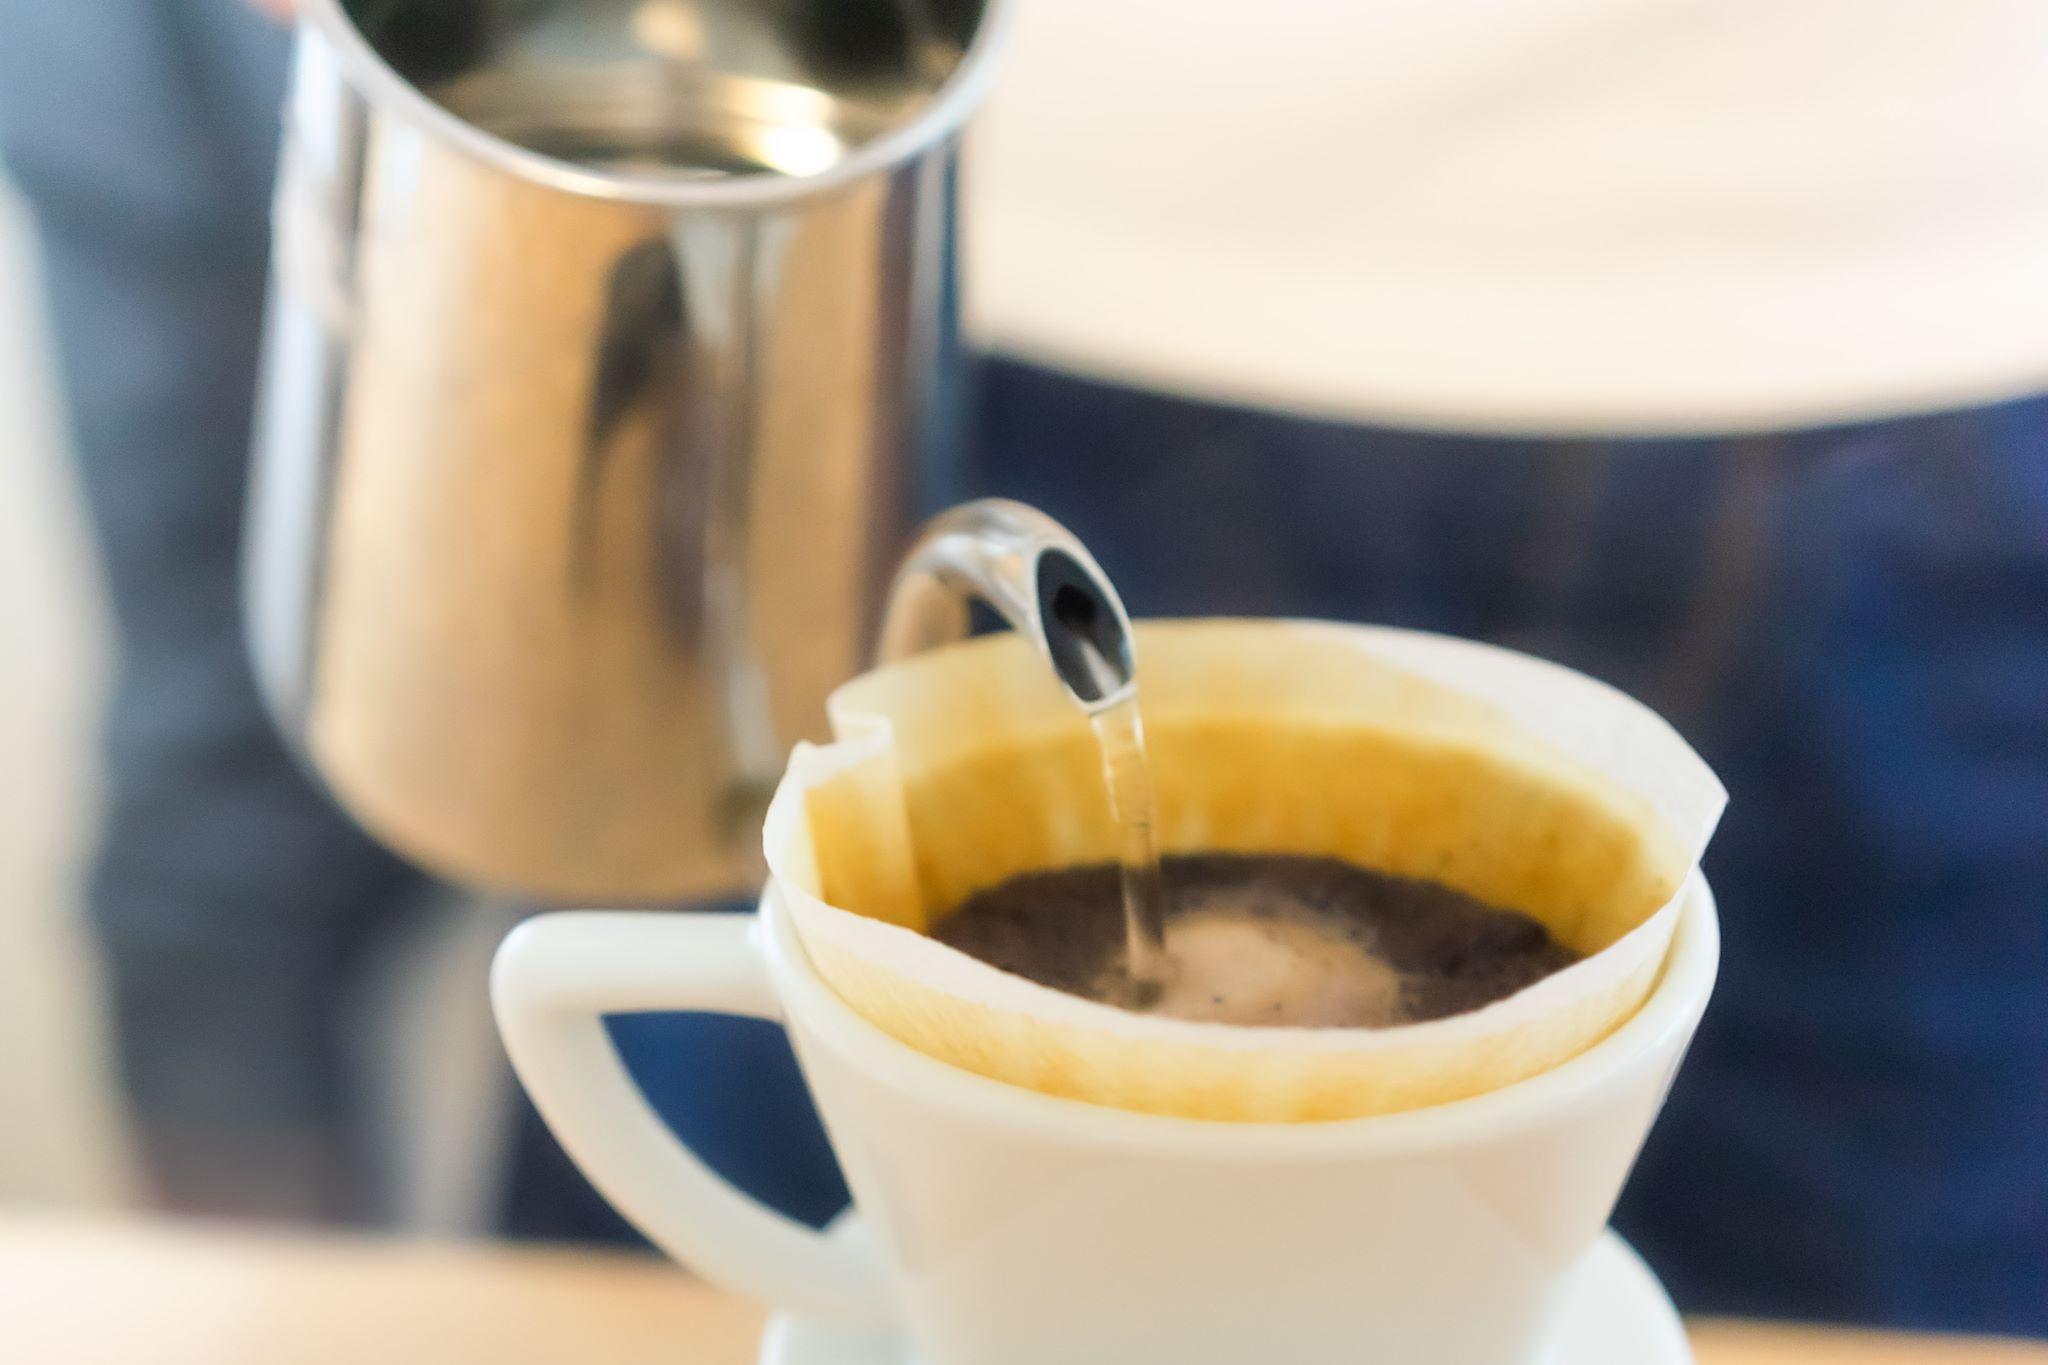 【卒業:金曜朝枠のお店紹介】COFFEE403-自家焙煎珈琲とチーズ-